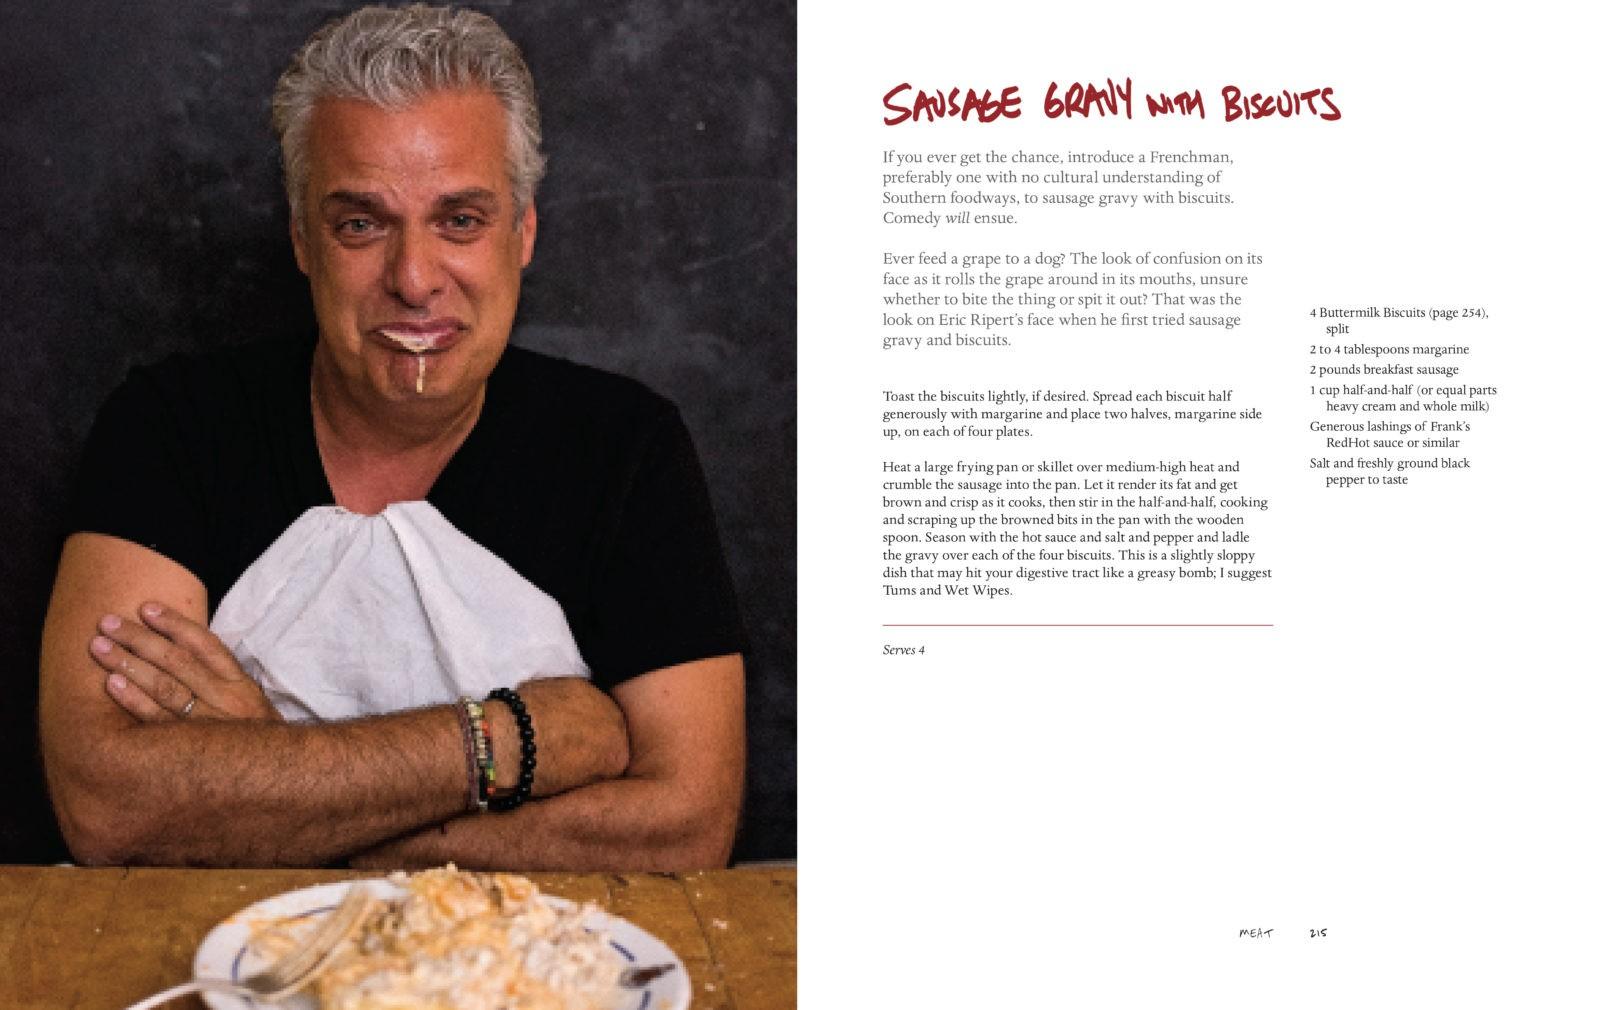 Bourdain Sausage Gravy Biscuits Spread 214-215